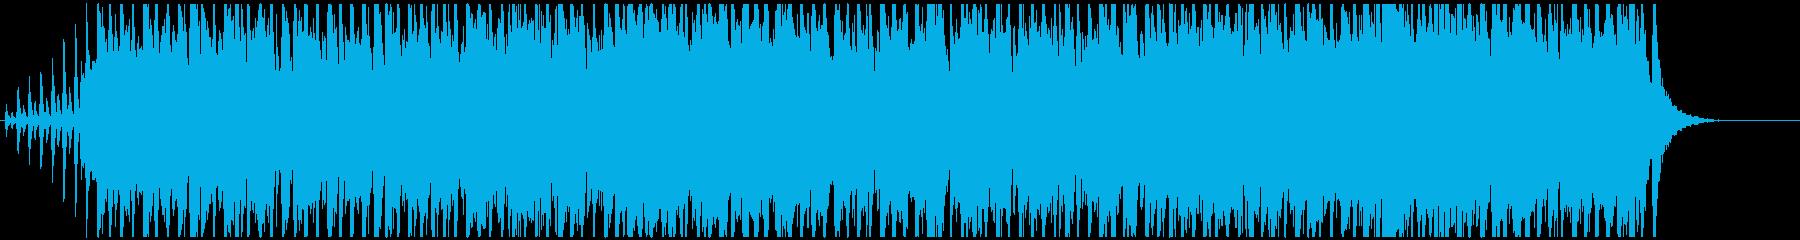 リズミカルで明るいBGMの再生済みの波形